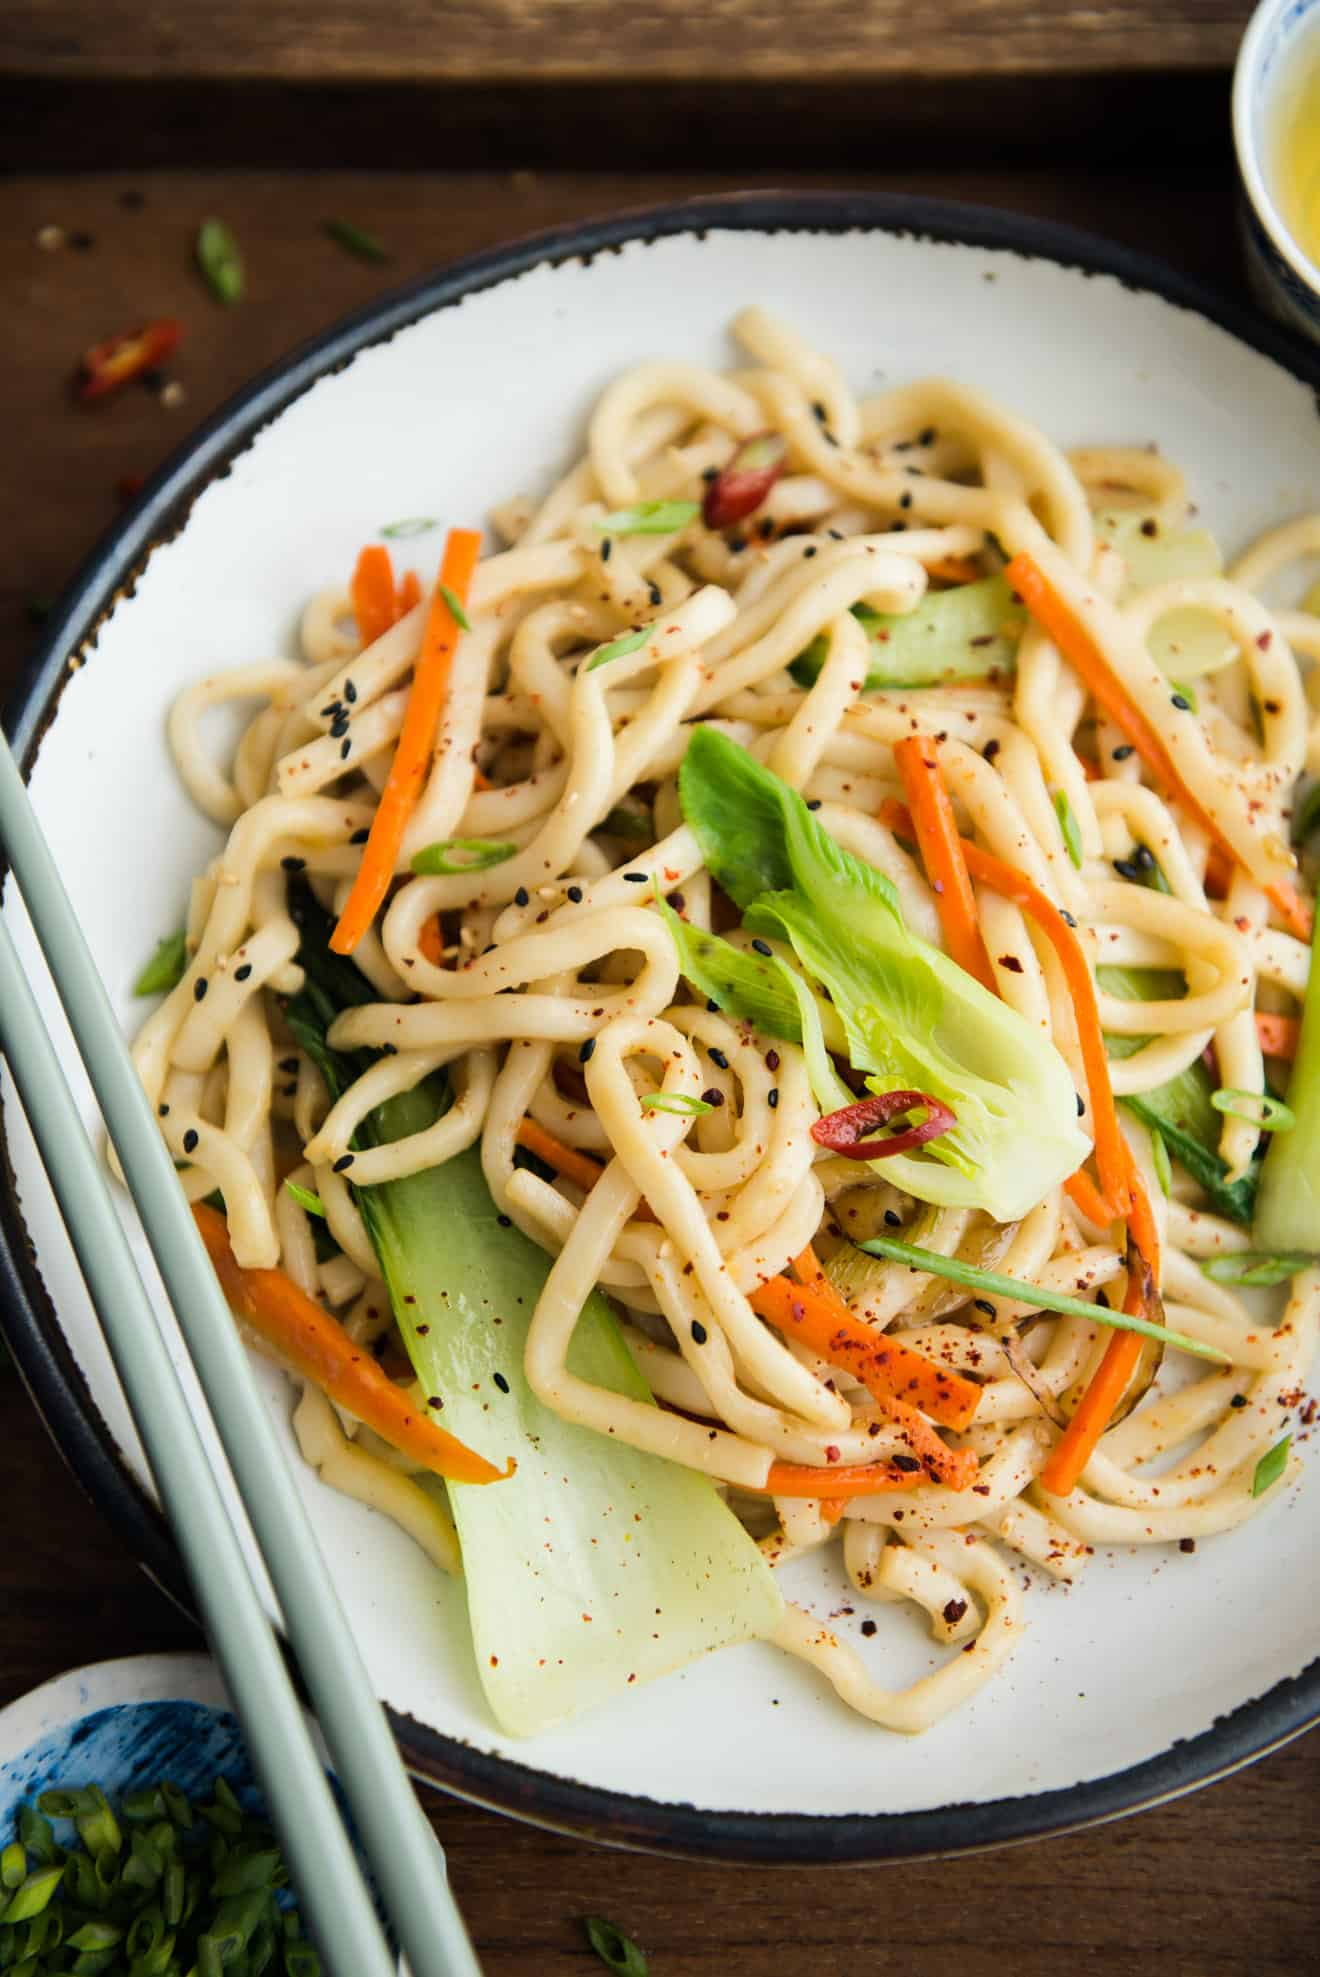 How to Make Teriyaki Sauce - you can use the teriyaki sauce to season noodles!